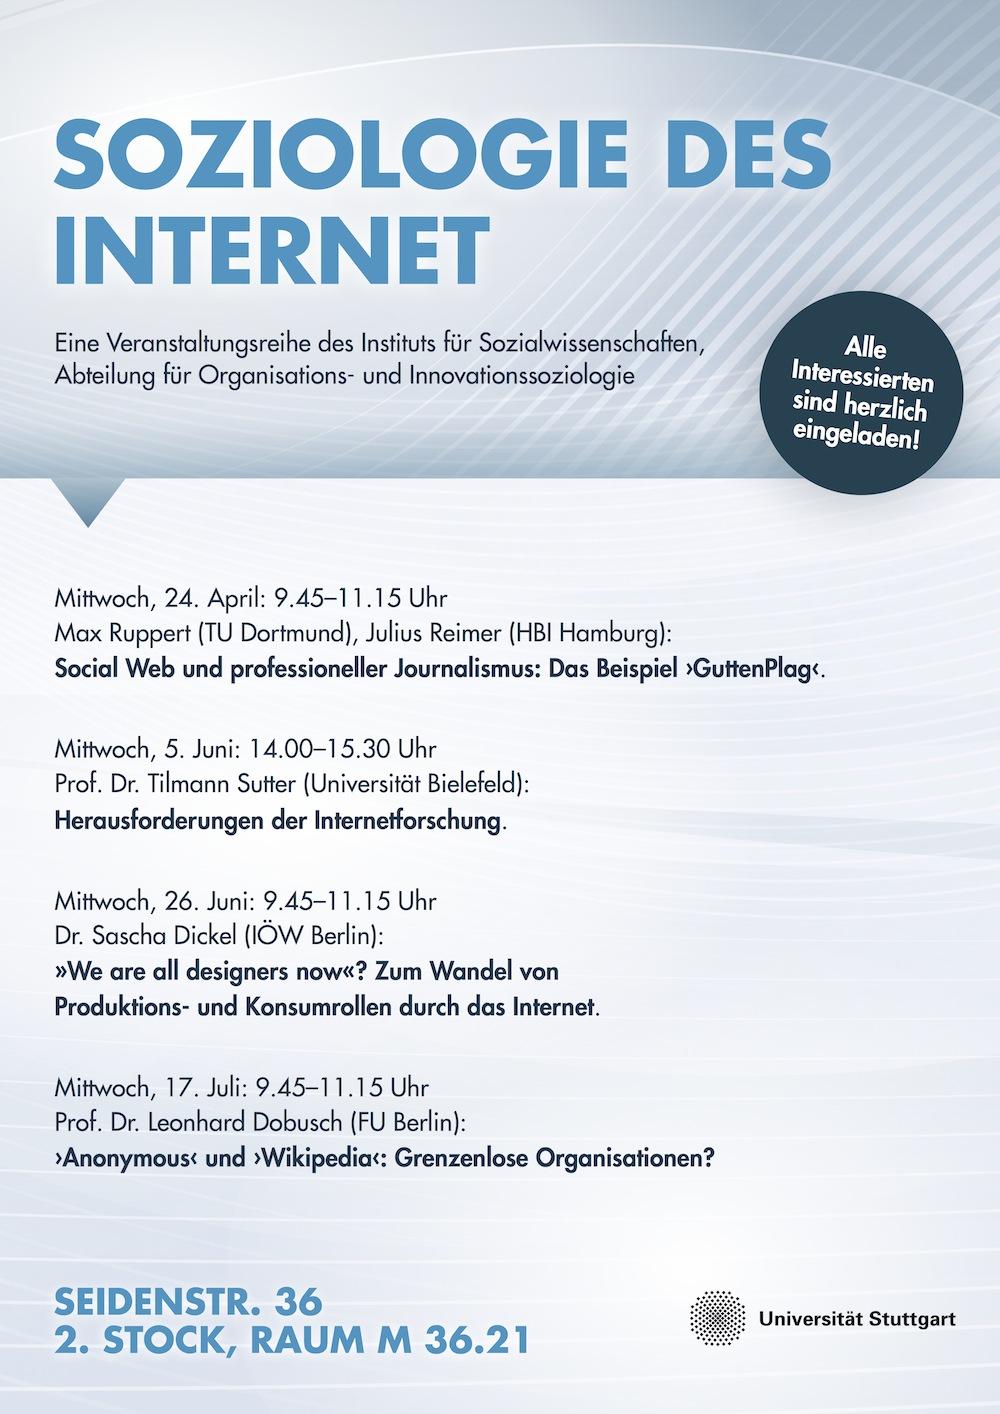 """Plakat zur Vortragsreihe """"Soziologie des Internet"""" an der Universität Stuttgart"""